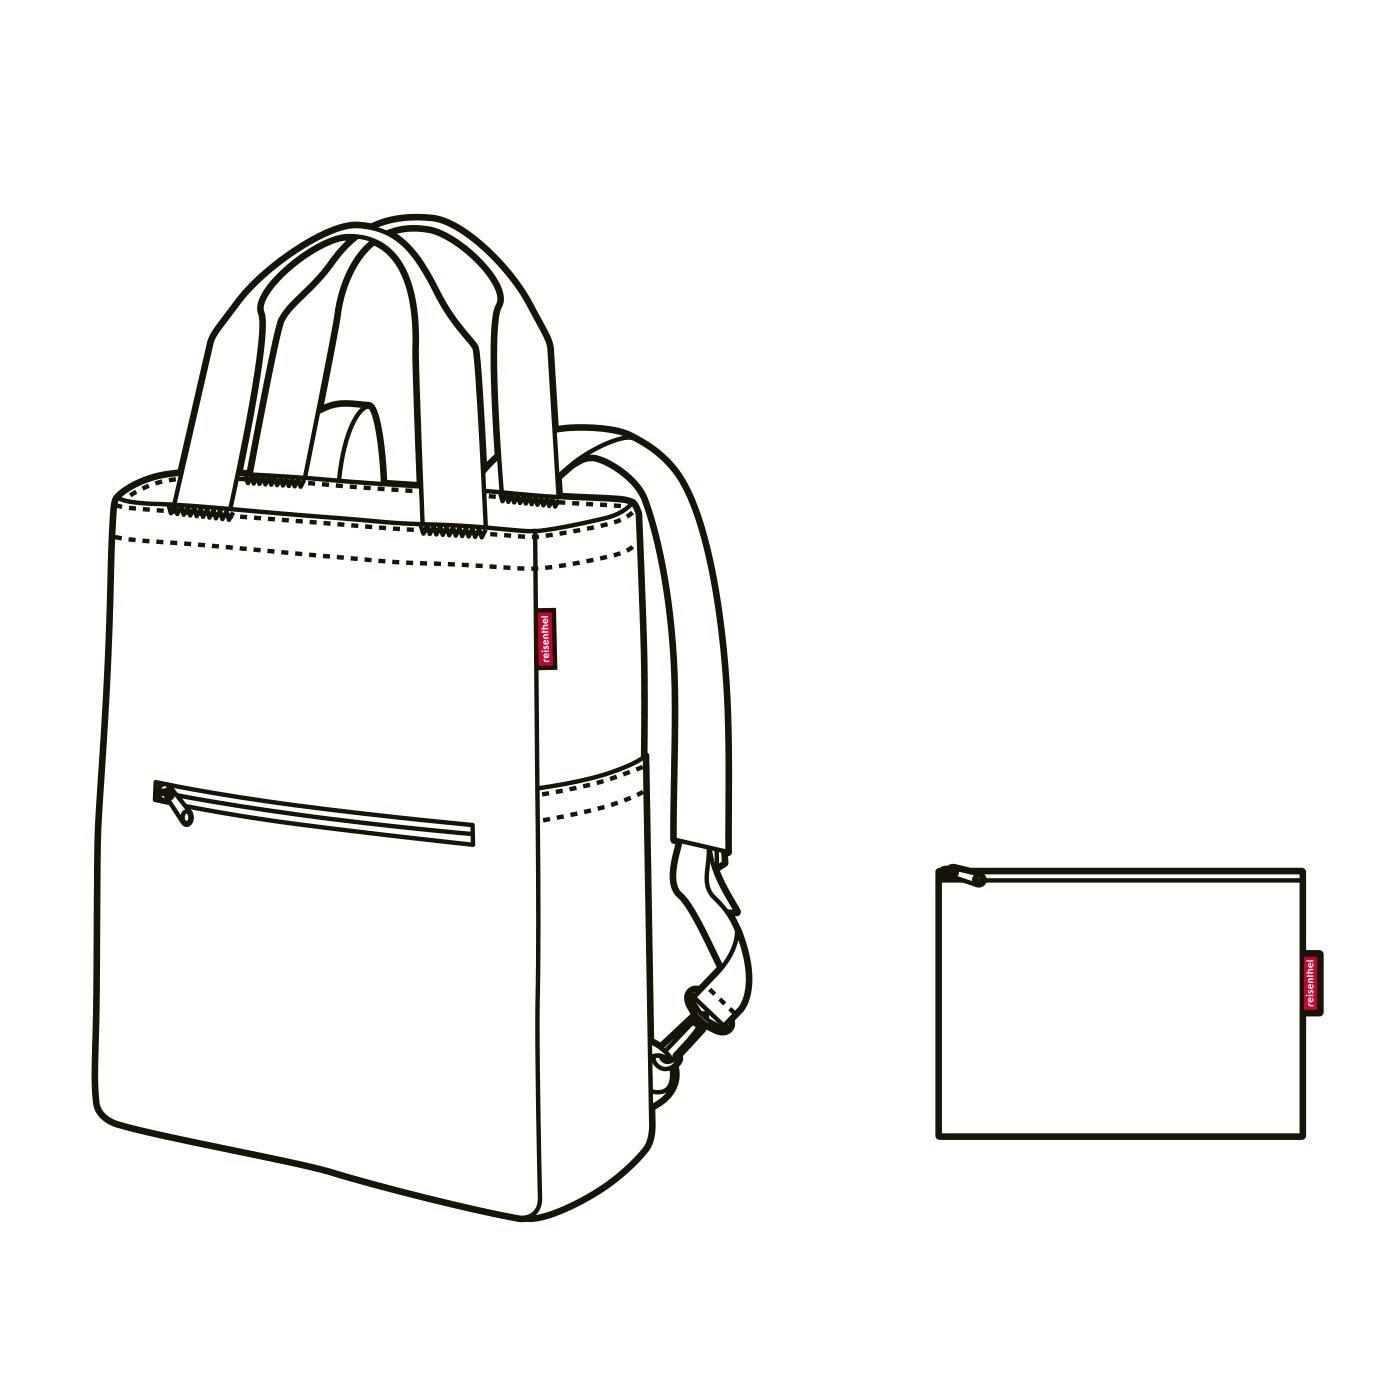 Reisenthel Mini Maxi 2in1 Rucksack Tragetasche faltbar waschbar wasserabweisend